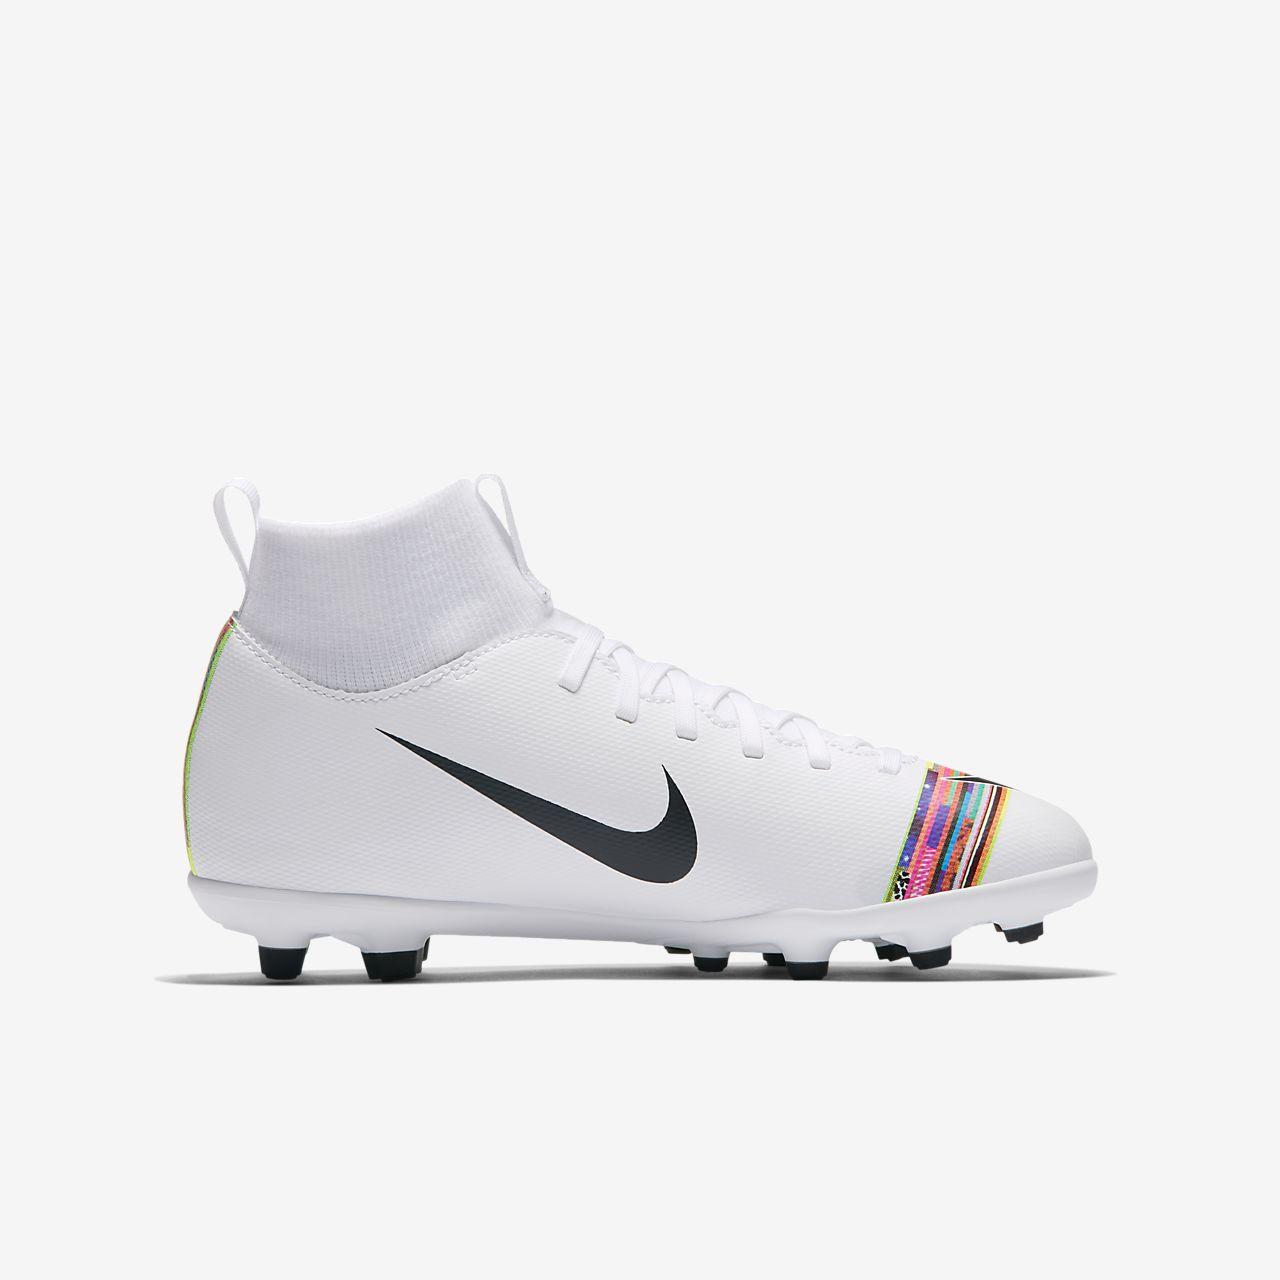 48f46211e48d2 ... Calzado de fútbol para múltiples superficies para niños talla  pequeña grande Nike Jr. Superfly